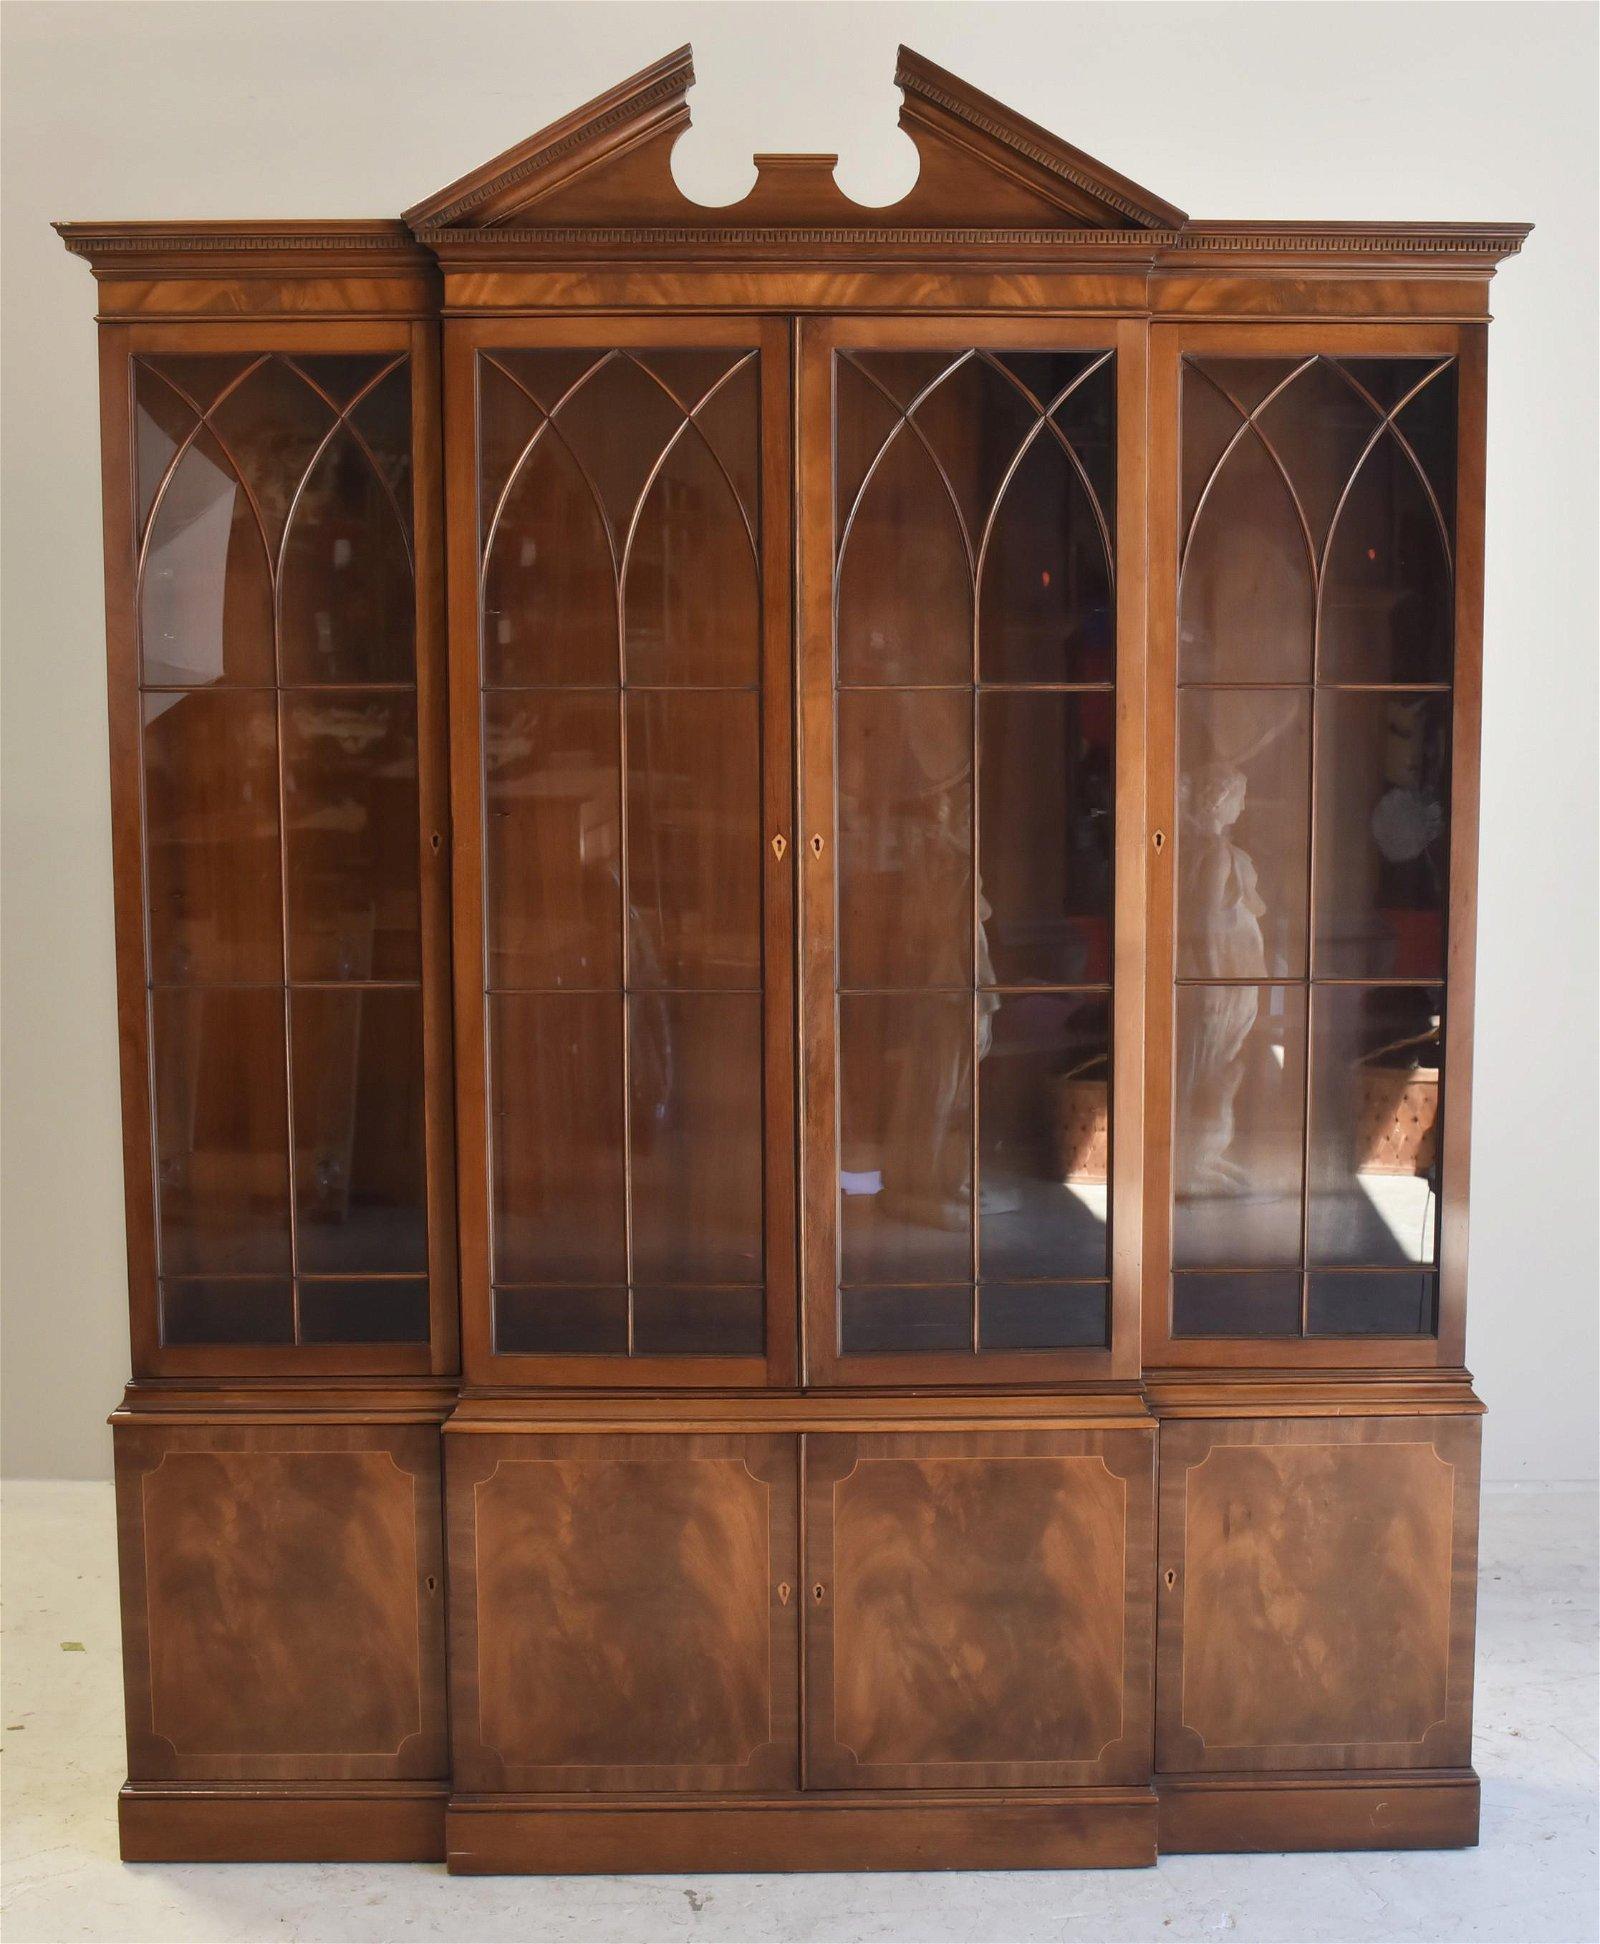 Baker 2-pc mahogany china cabinet